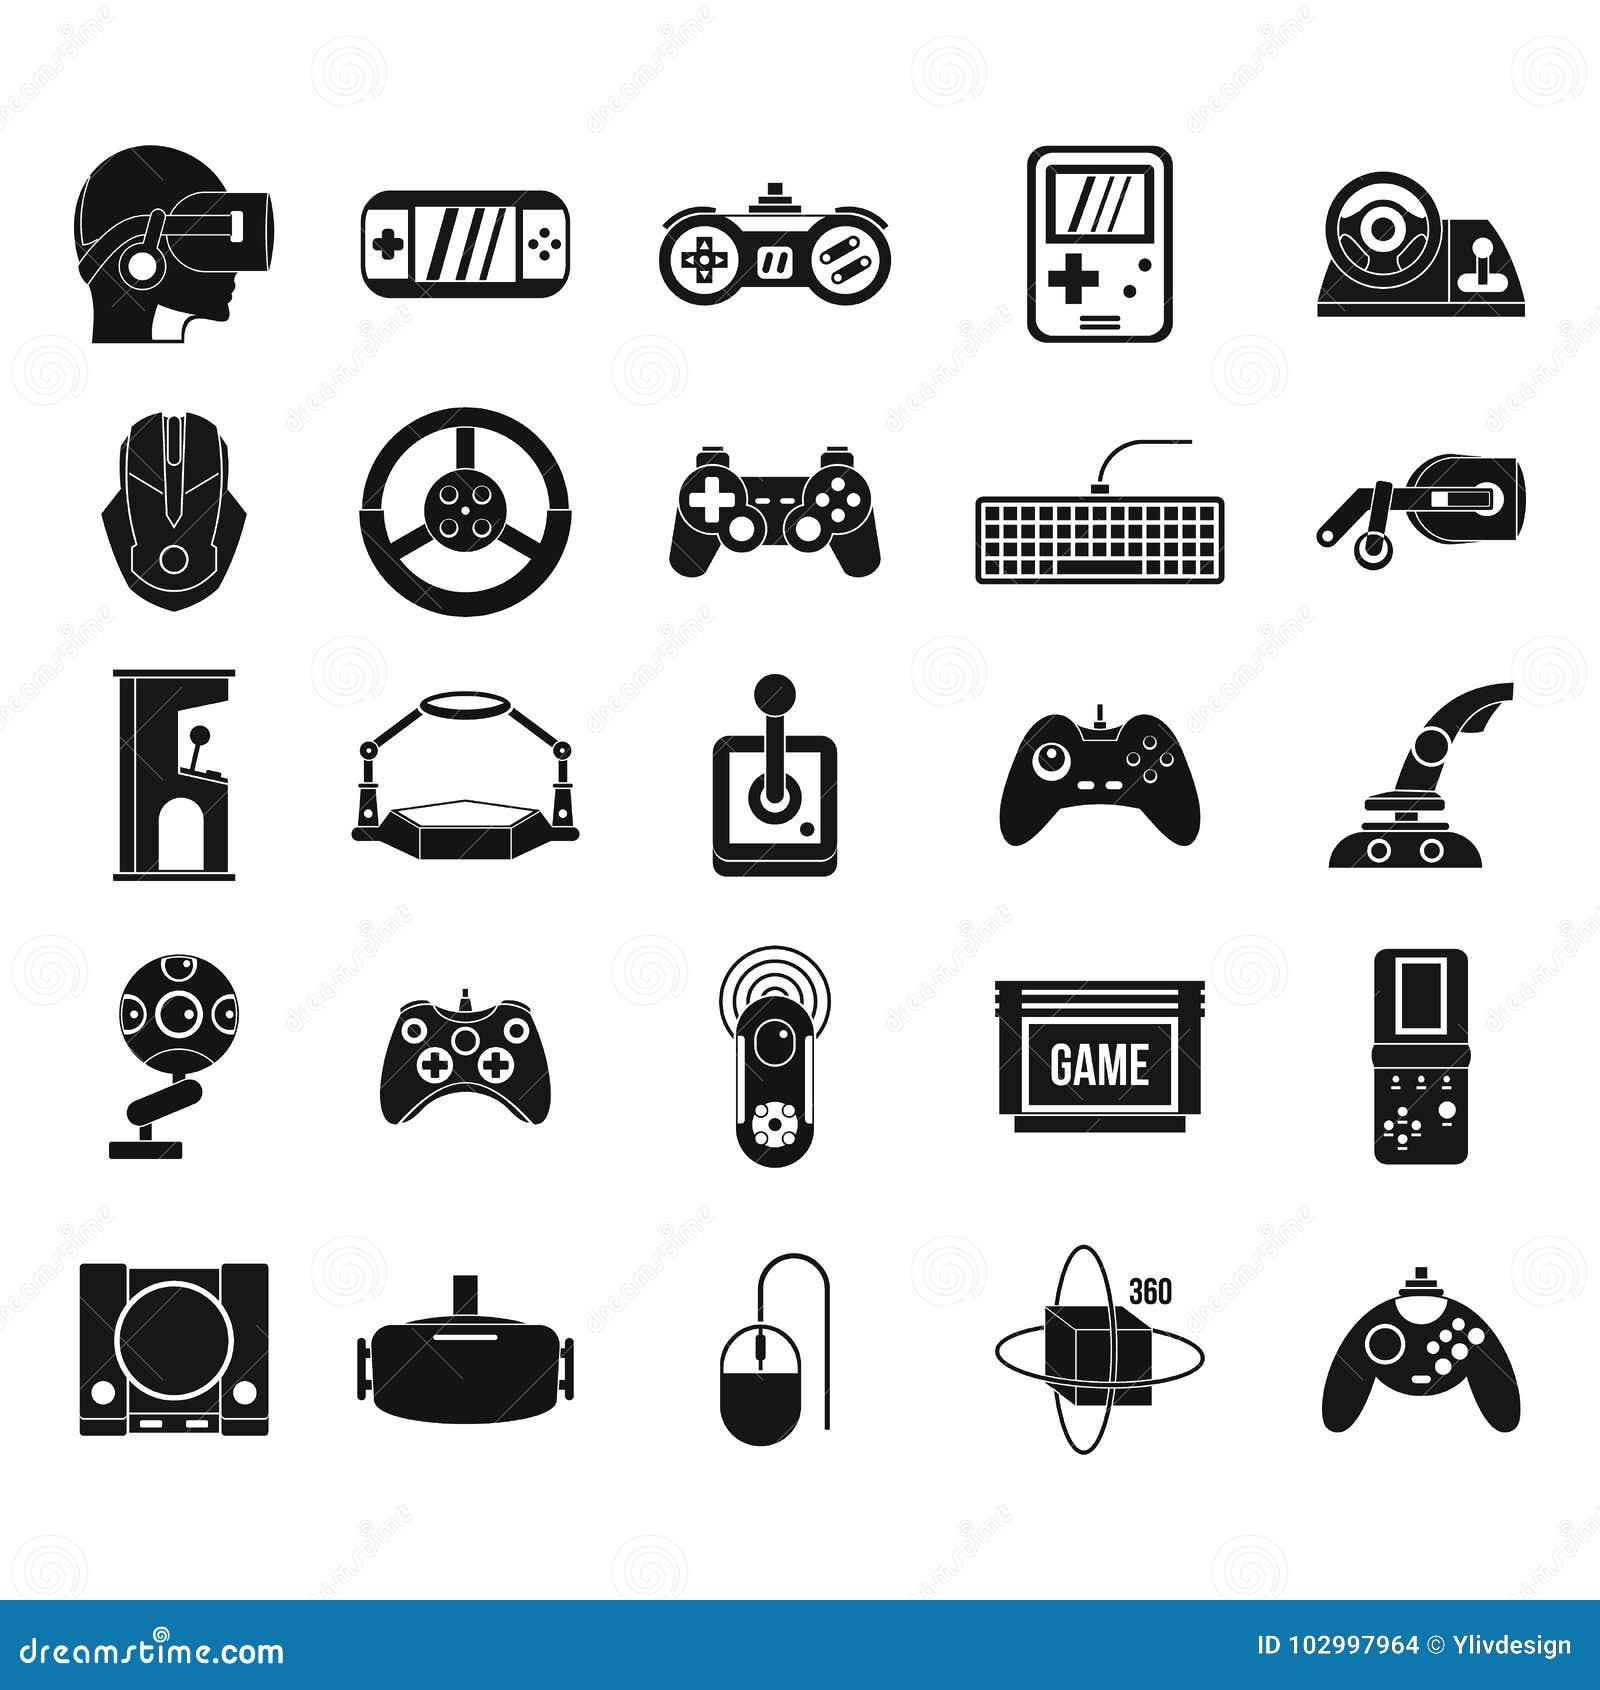 Gemowy konsoli ikony set, prosty styl